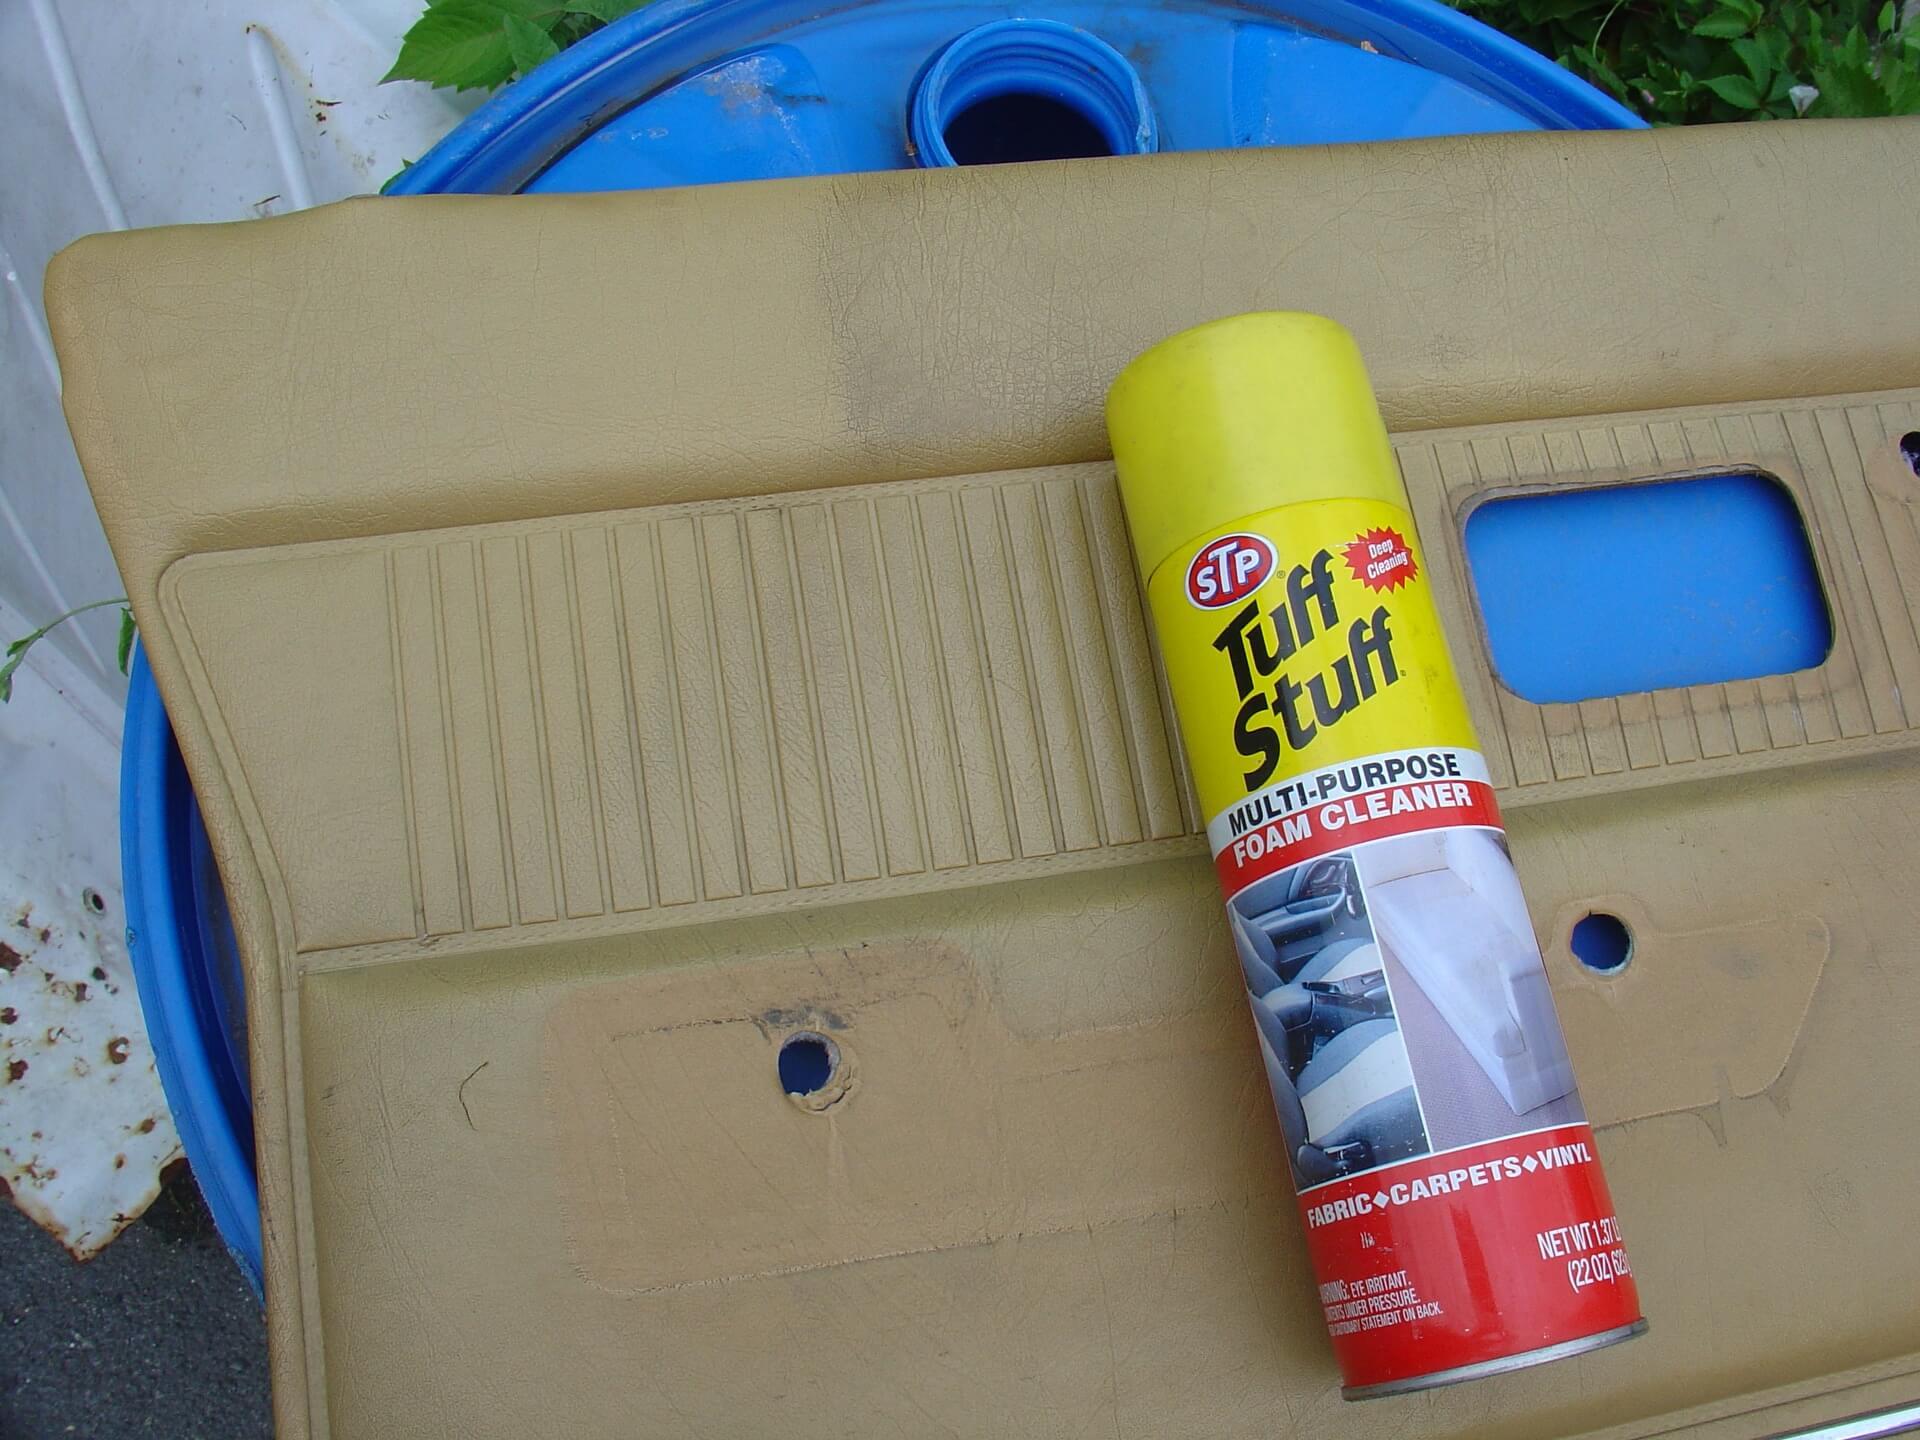 STP средство чистки салона